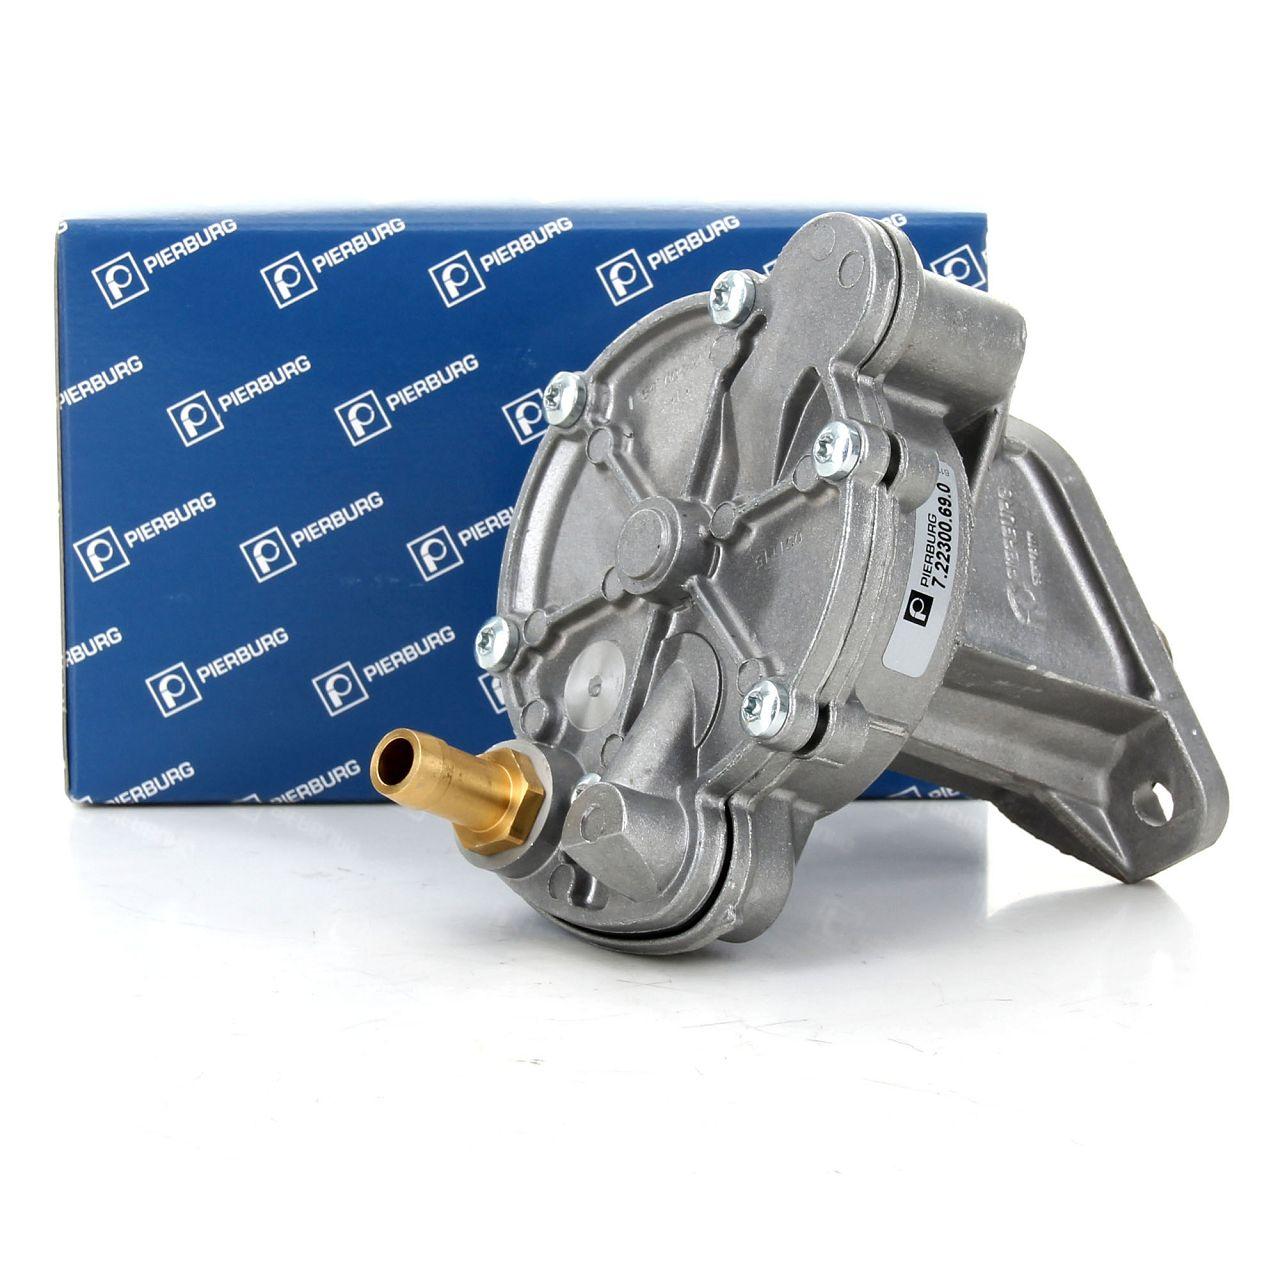 PIERBURG Vakuumpumpe Unterdruckpumpe für VW Crafter Transporter T4 2.4D 2.5 TDI